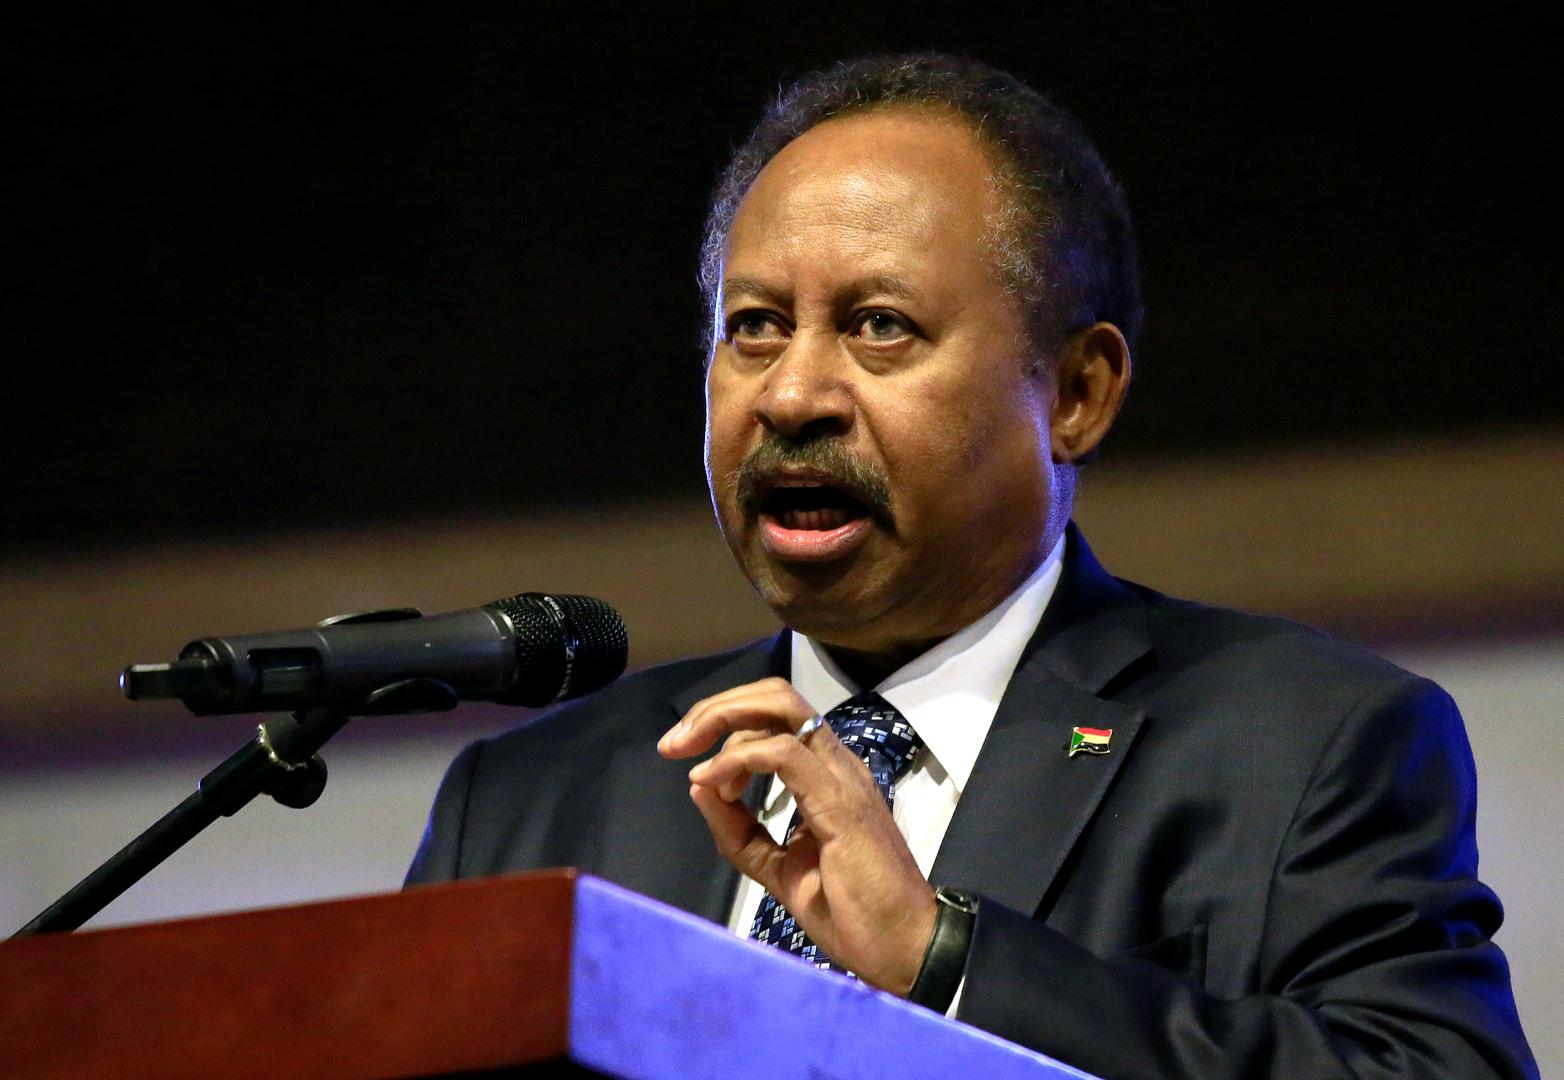 رئيس وزراء السودان، عبد الله حمدوك.